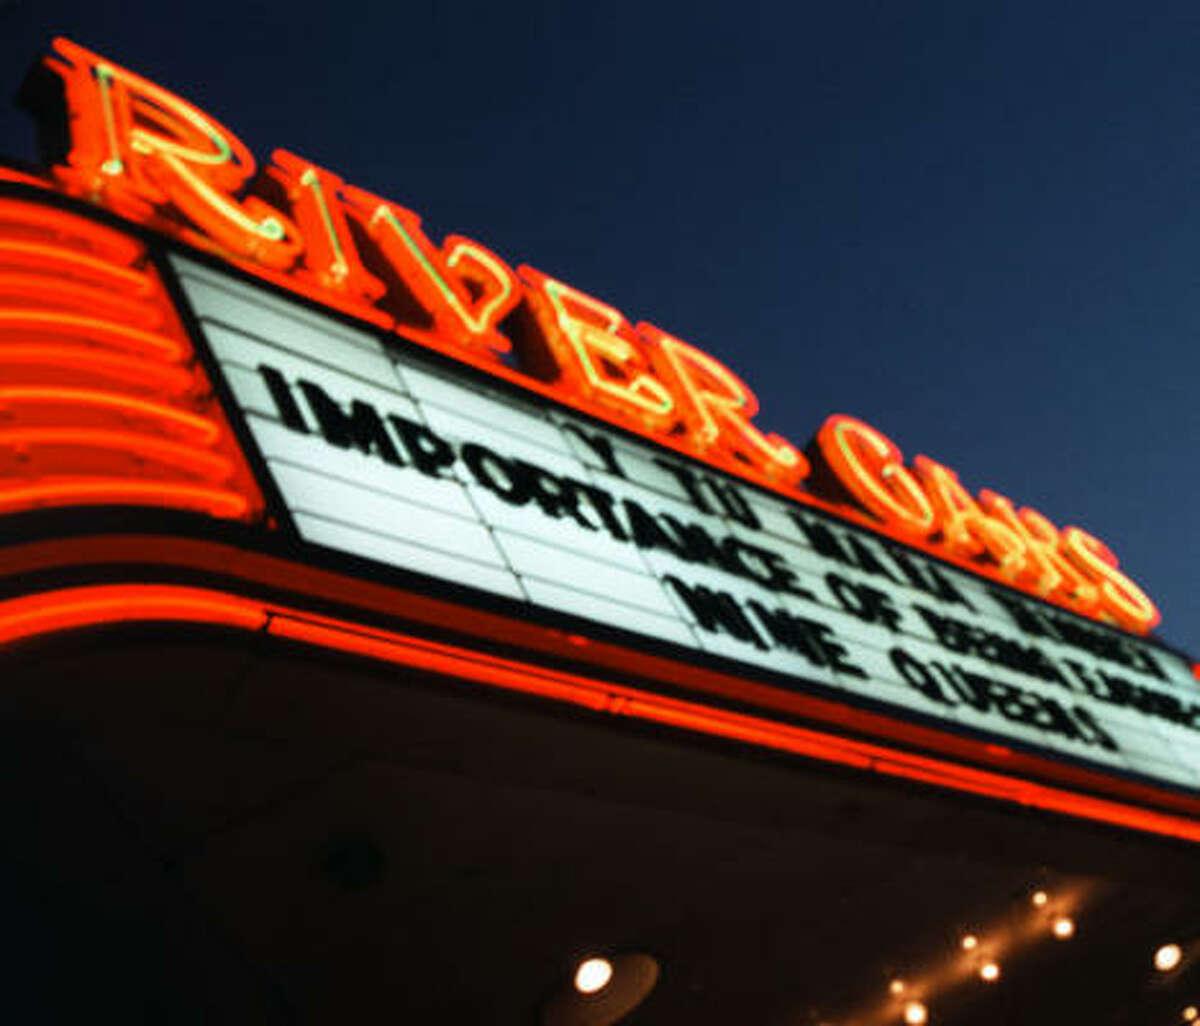 2. River Oaks Theatre